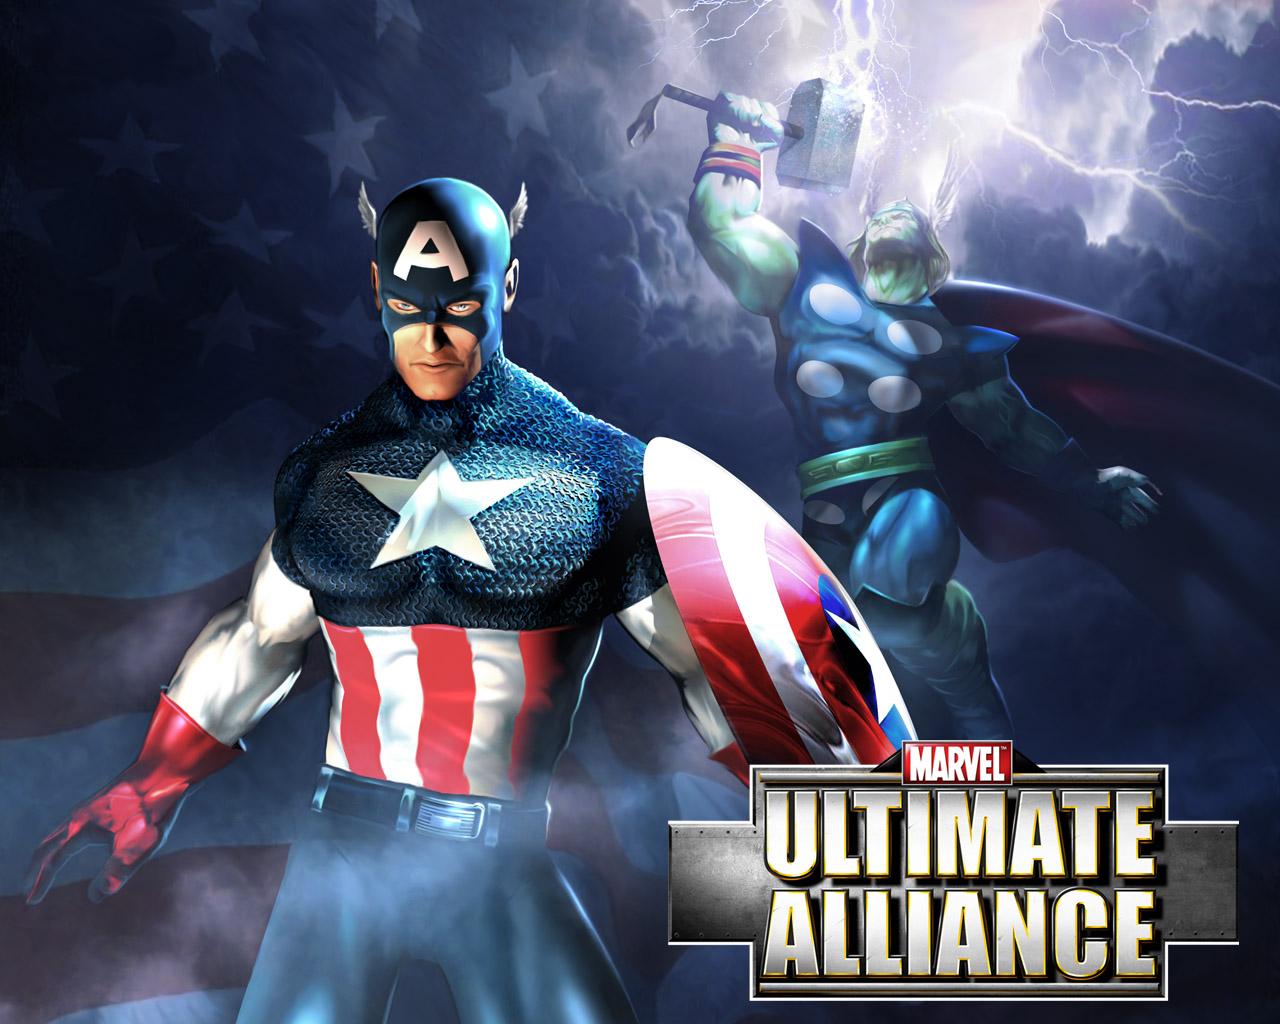 40 Marvelous Comic Superhero Wallpapers   Hongkiat 1280x1024